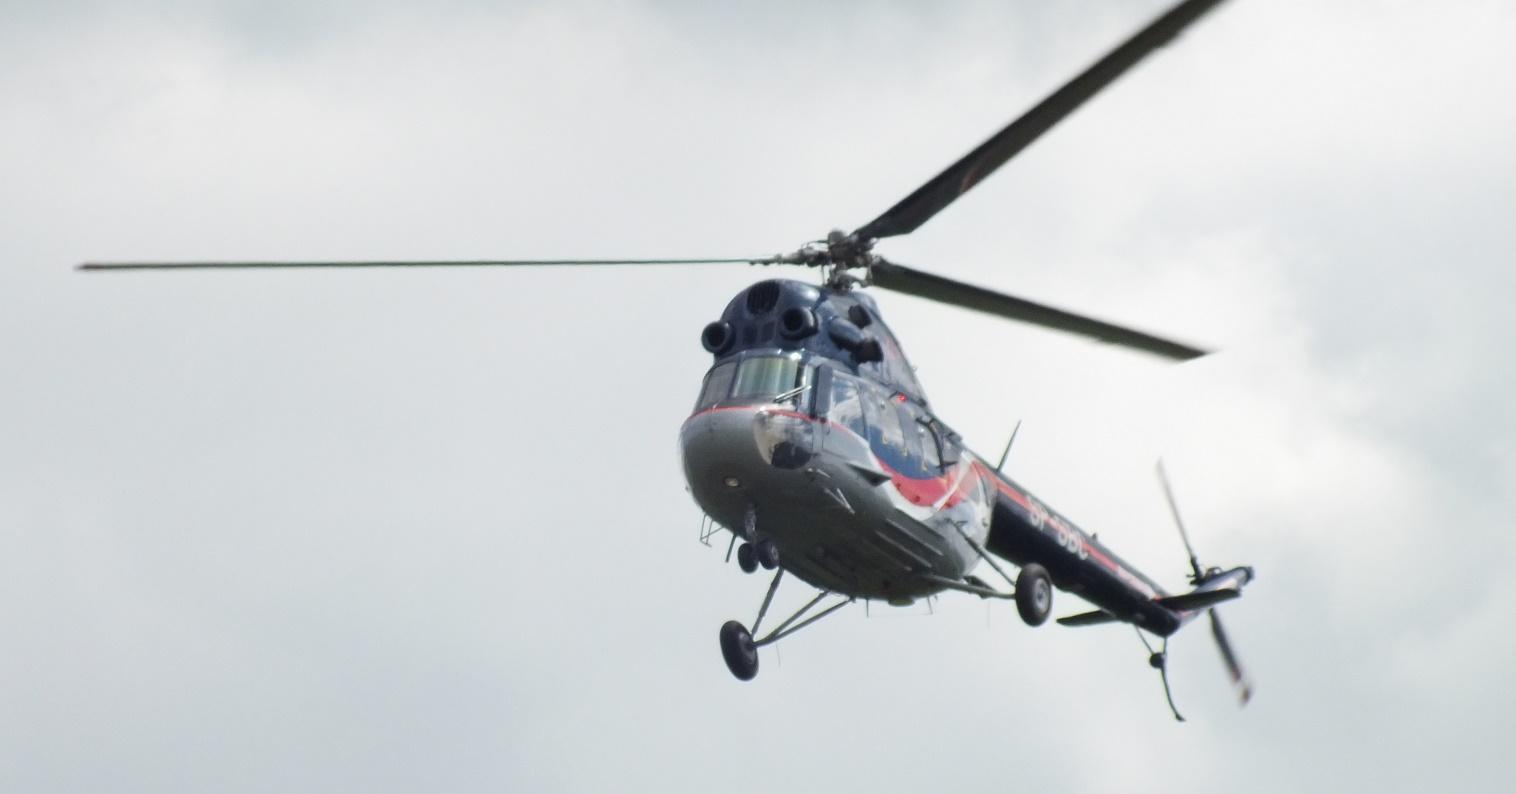 Pokaz śmigłowca Mi-2 pilotowanego przez instruktora PWSZ w Chełmie